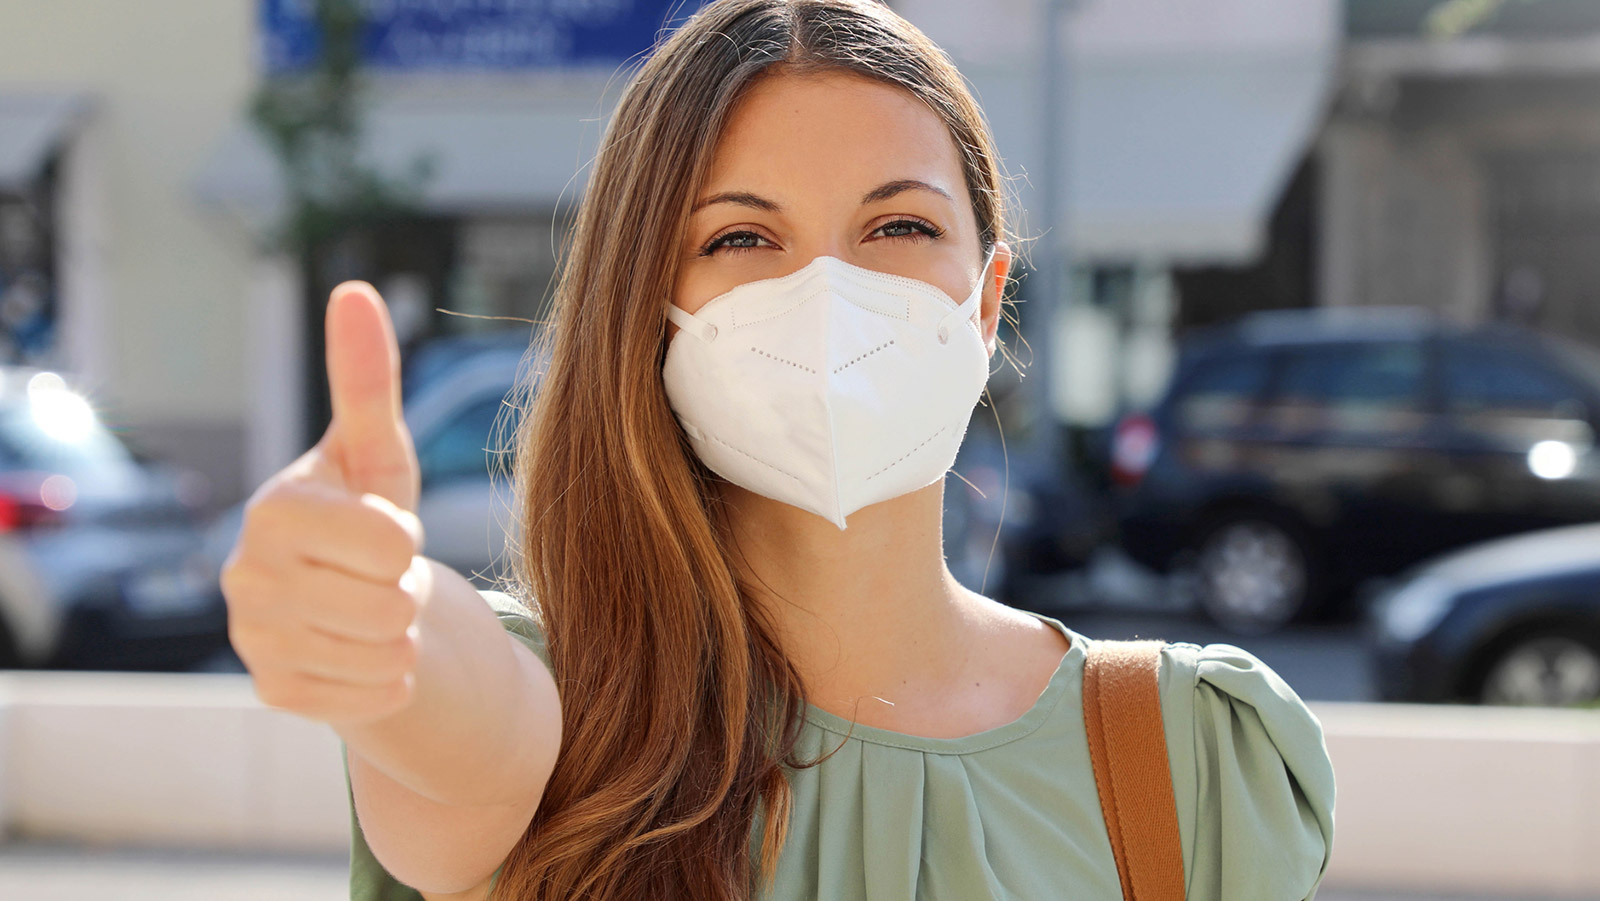 Jede Einzelne wurde probegetragen: Hygiene Austria bestätigt Qualität der Masken